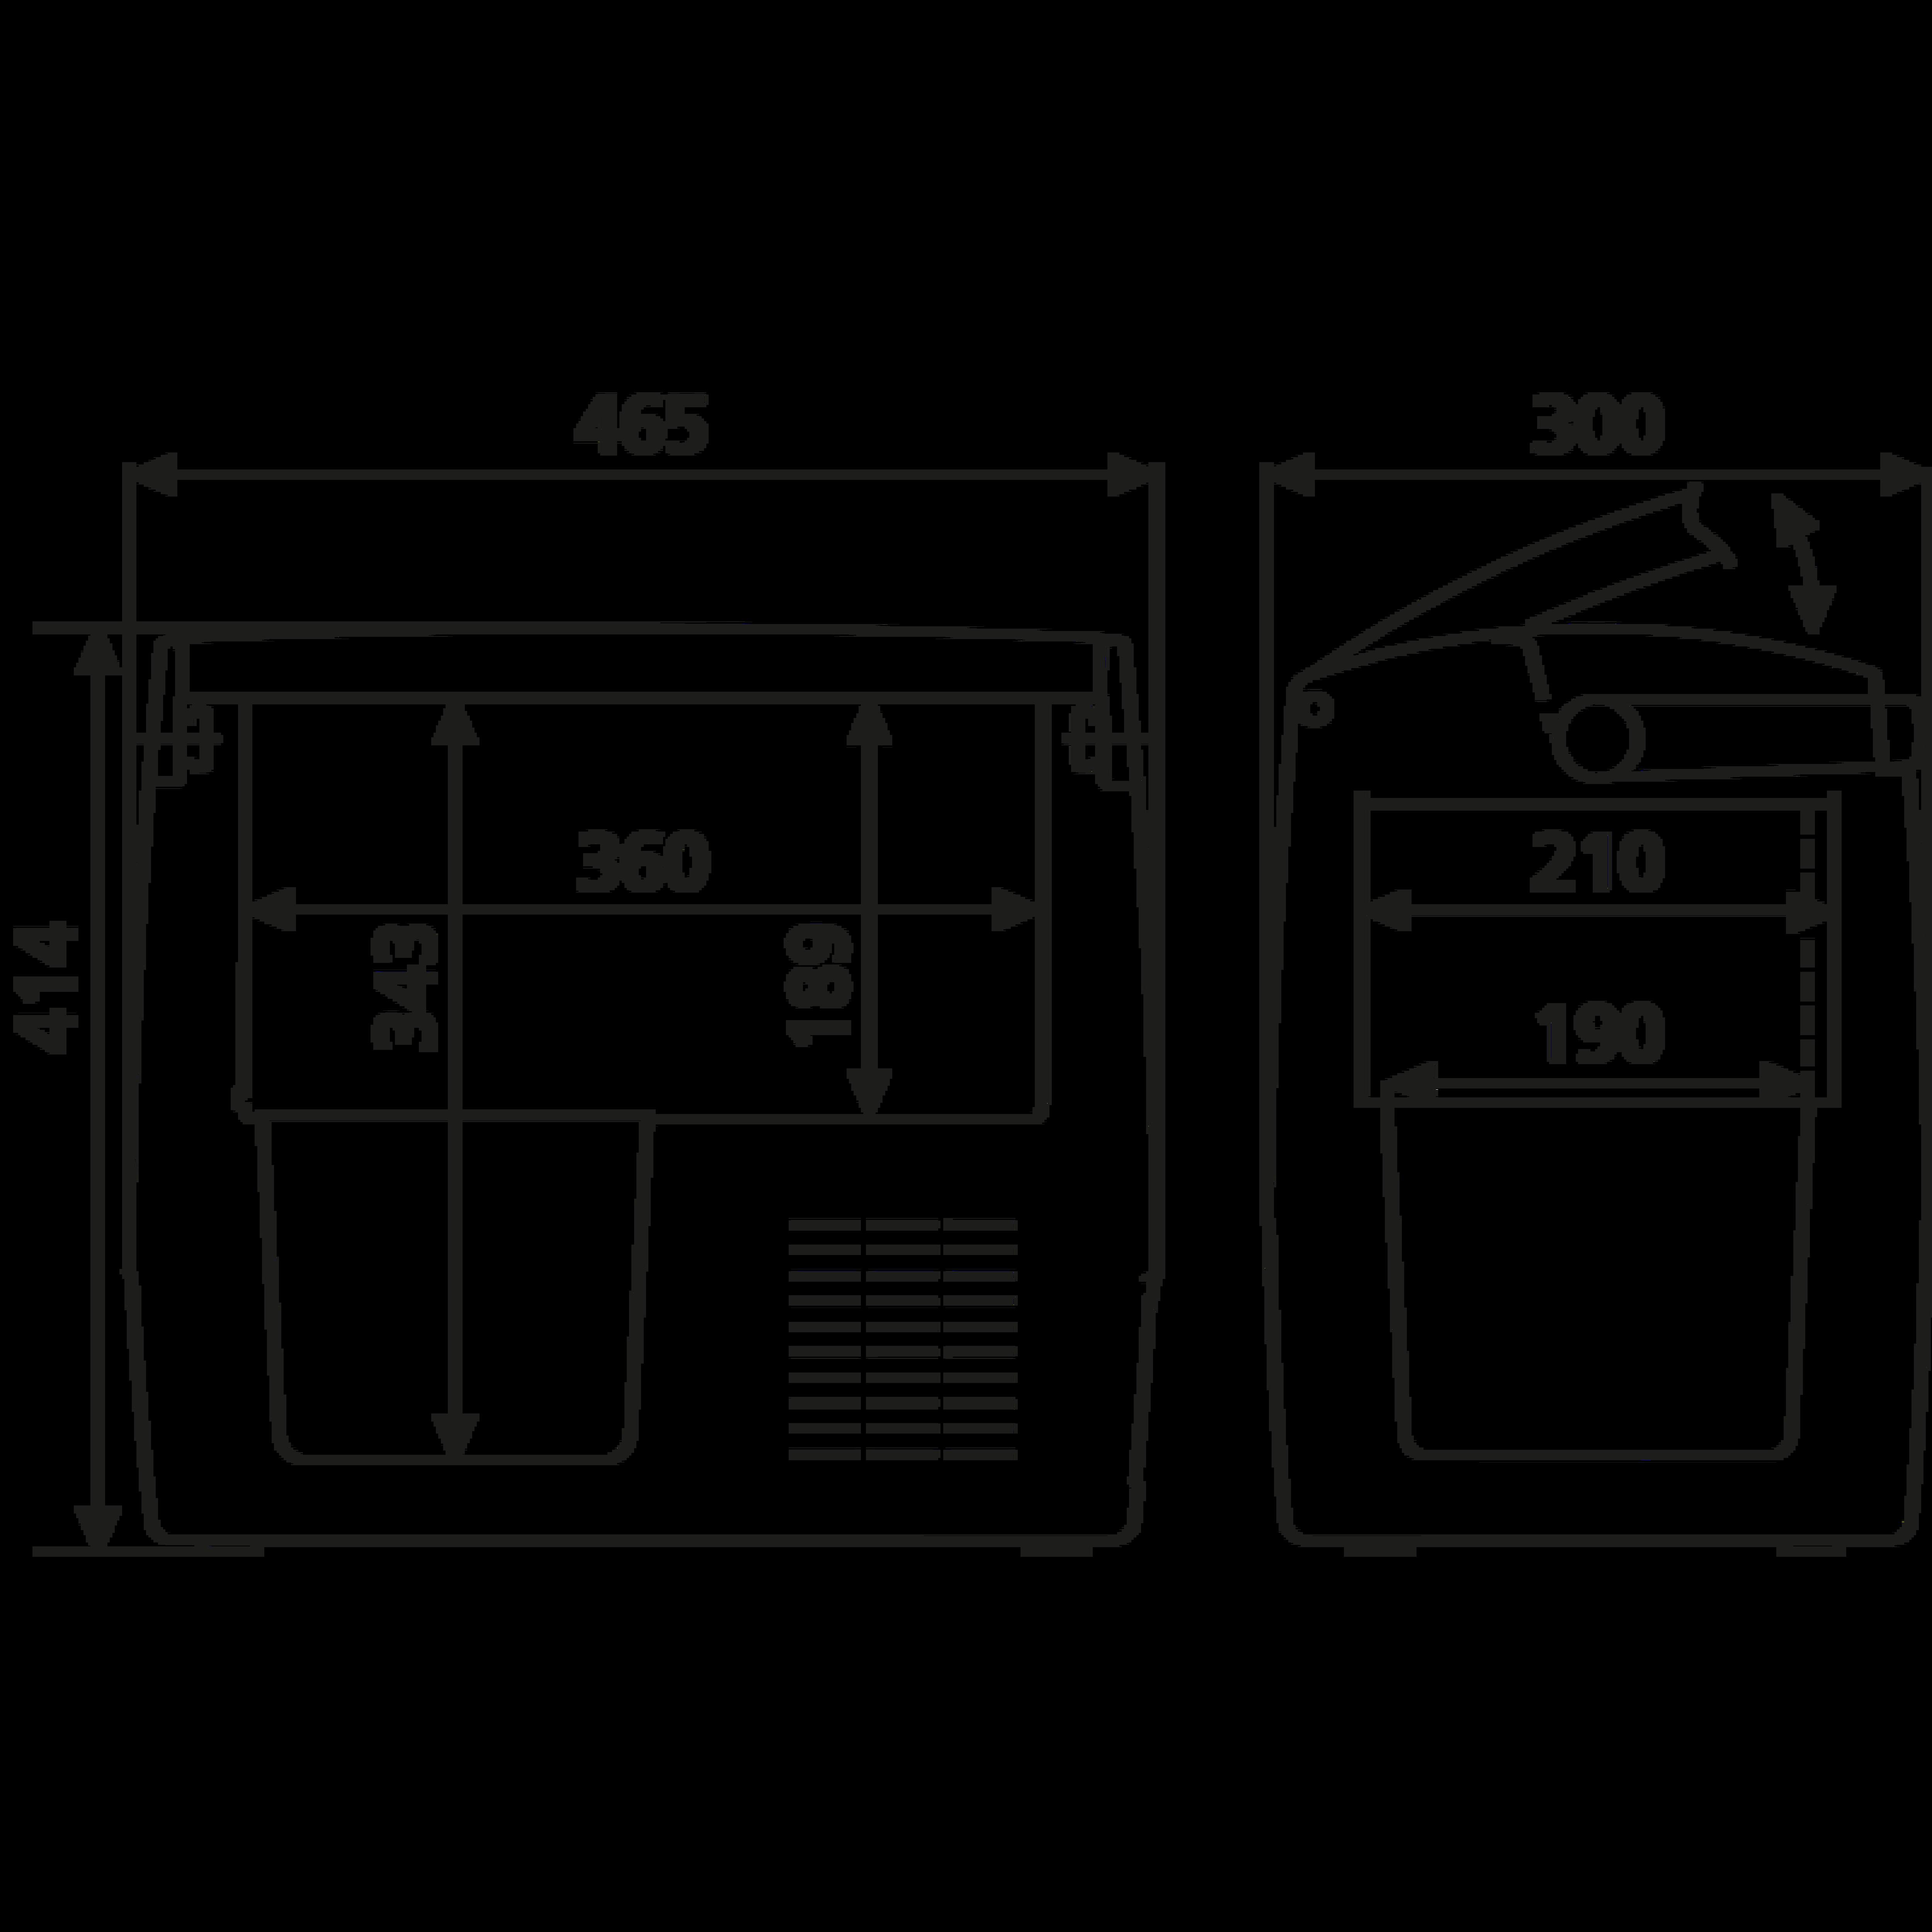 CDF 18 Dimension Drawing